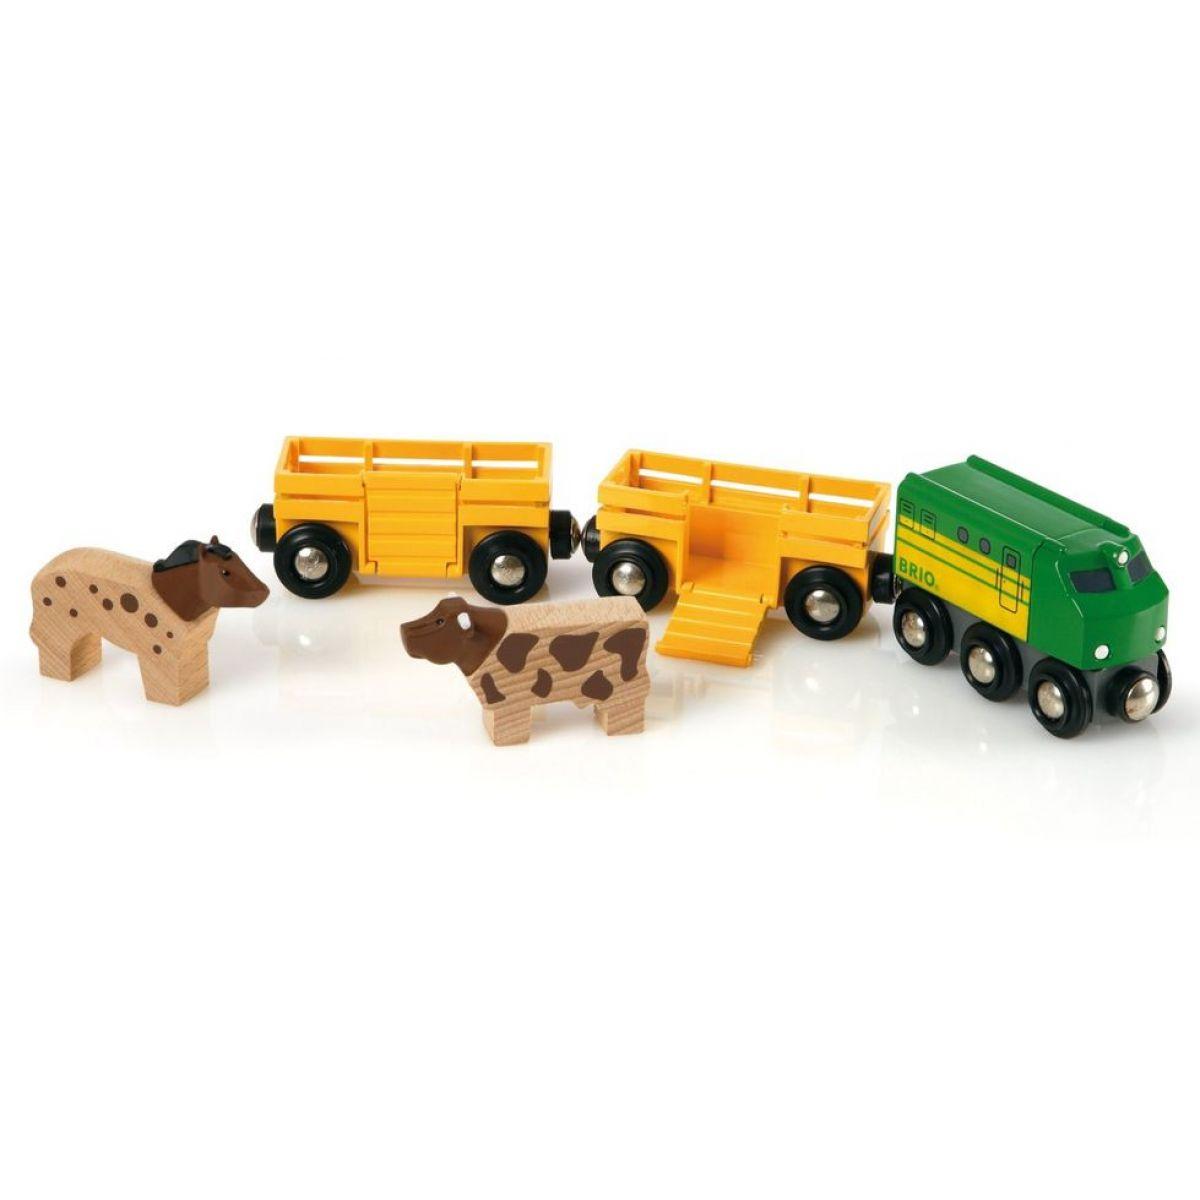 Poľnohospodársky vlak pre prepravu zvierat s 2 vagónikmi, kravou, koňom